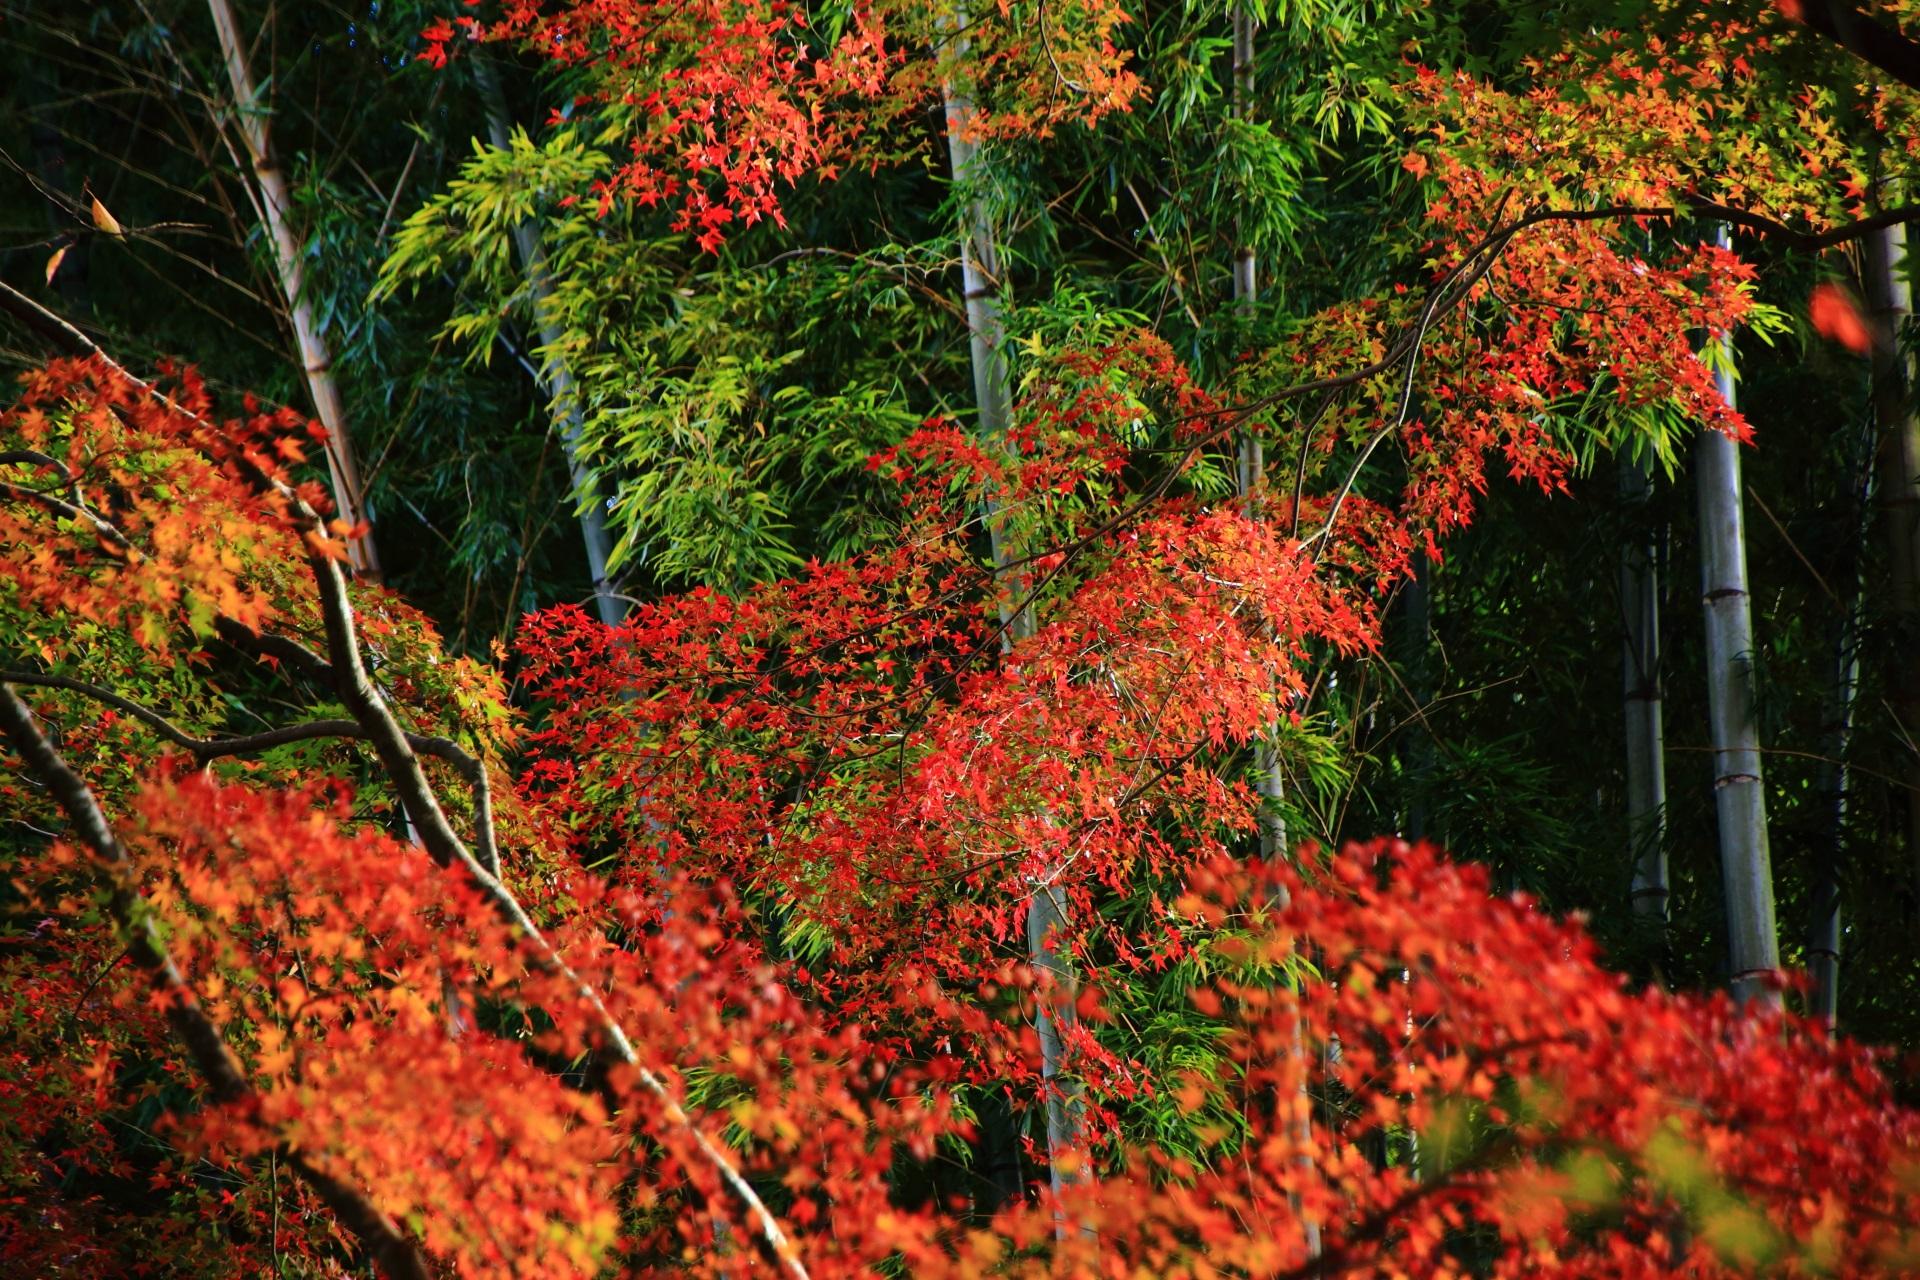 地蔵院の淡い緑の竹を彩る煌びやかな紅葉